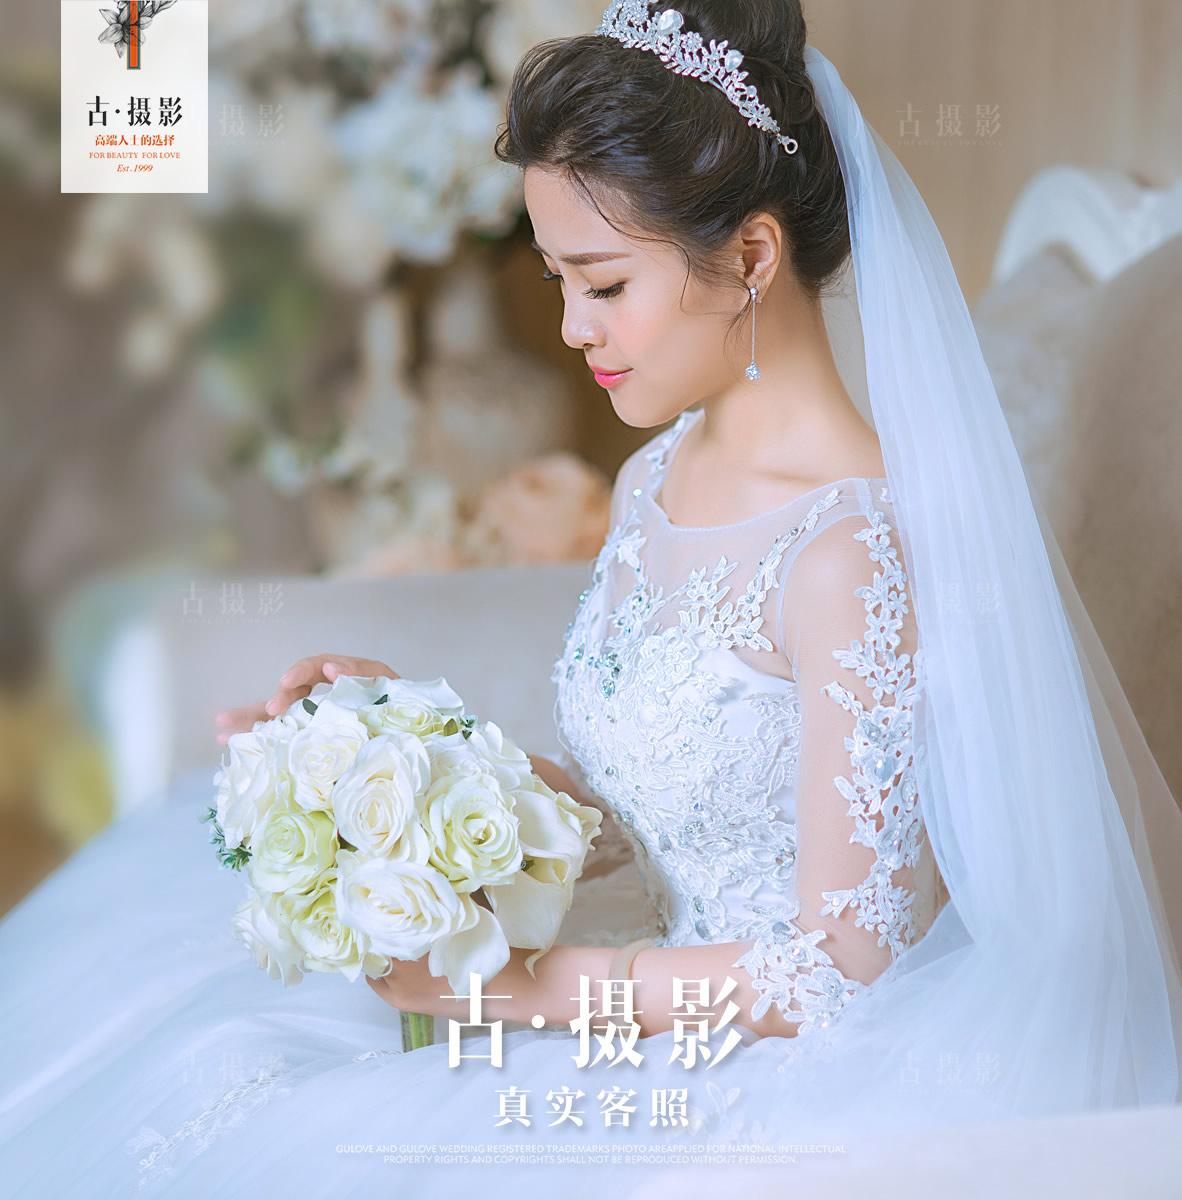 1月8日客片朱先生 彭女士 - 每日客照 - love上海古摄影-上海婚纱摄影网